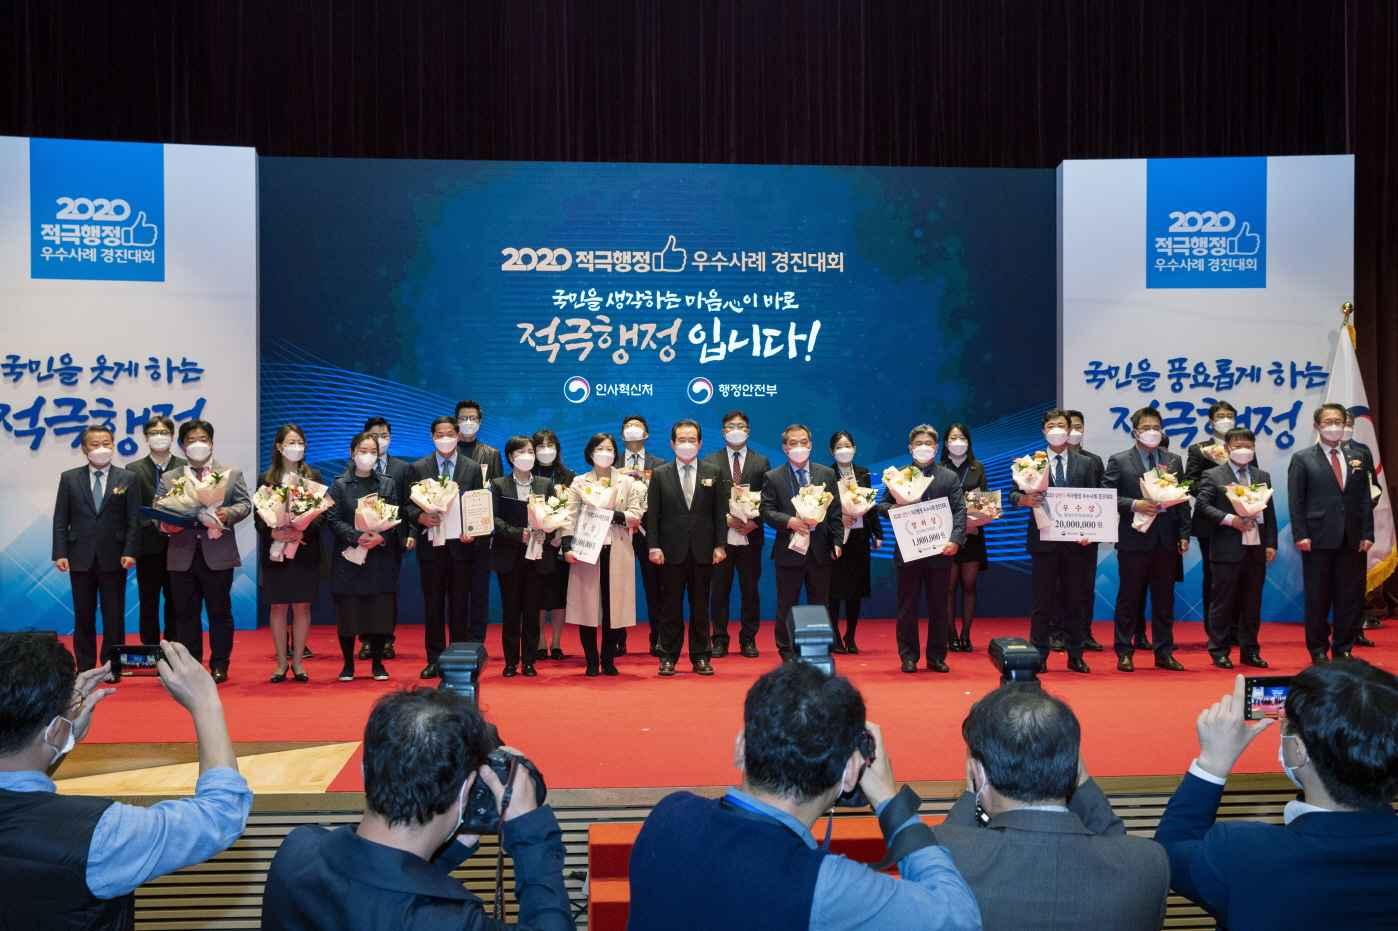 아산시 상반기 적극행정 경진대회 국무총리상 수상